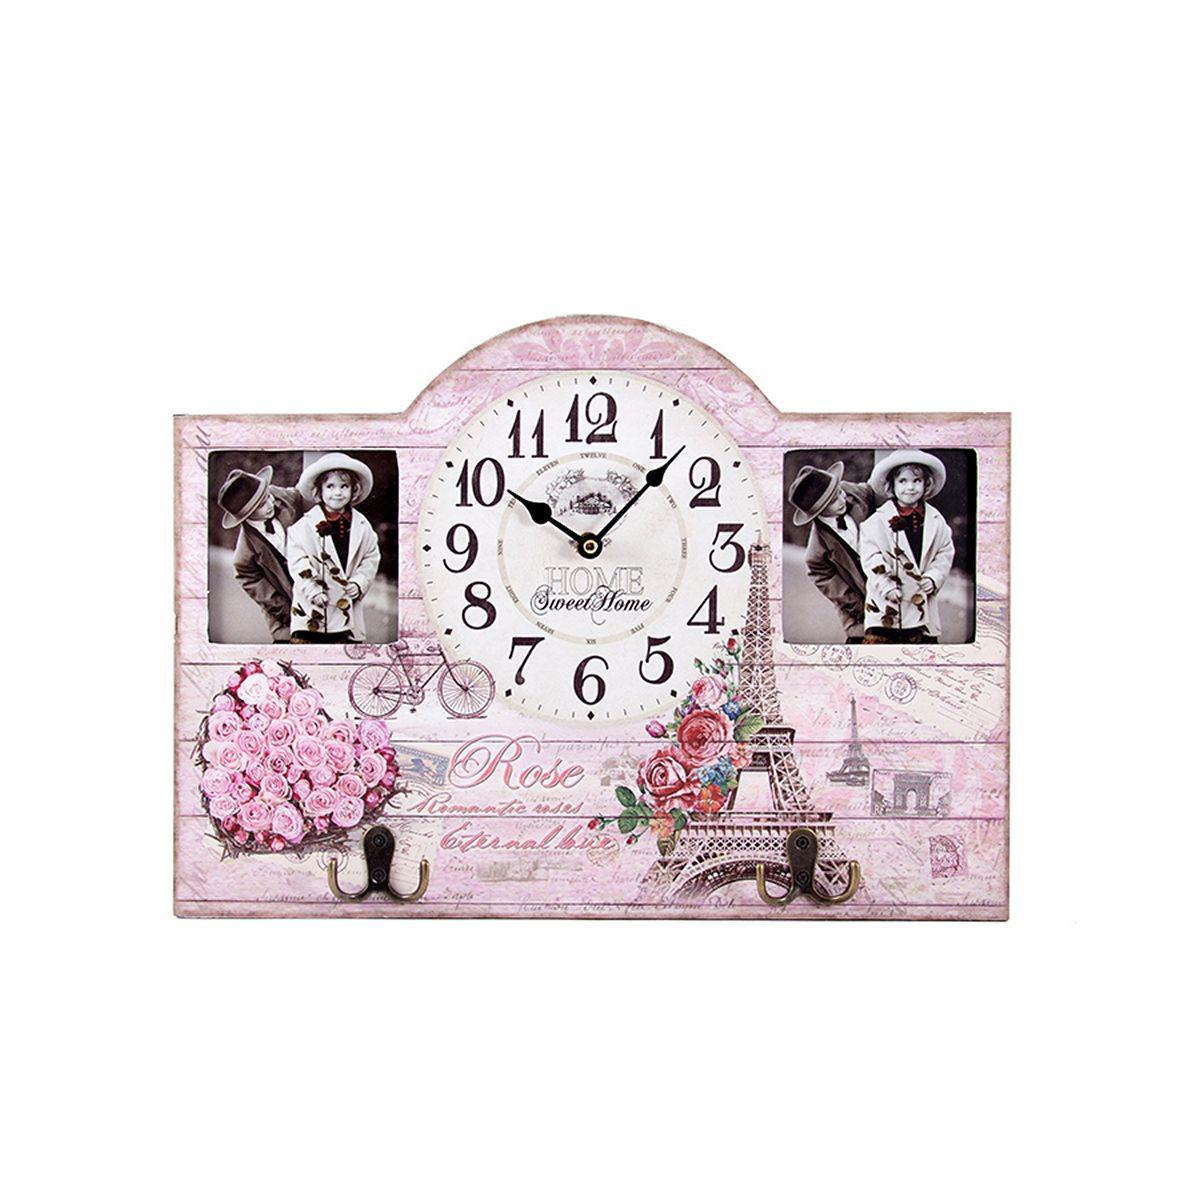 Часы настенные Русские Подарки Париж, 45 х 5 х 32 см. 2963229632Настенные кварцевые часы Русские Подарки Париж изготовлены из МДФ. Корпус оформлен изображением цветов и Эйфелевой башни, а также украшен вставками с изображением детей. Корпус часов имеет два металлических крючка, на которые можно повесить ключи или прочие мелочи. Часы имеют две стрелки - часовую и минутную. С обратной стороны имеется петелька для подвешивания на стену. Изящные часы красиво и оригинально оформят интерьер дома или офиса. Также часы могут стать уникальным, полезным подарком для родственников, коллег, знакомых и близких. Часы работают от батареек типа АА (в комплект не входят).